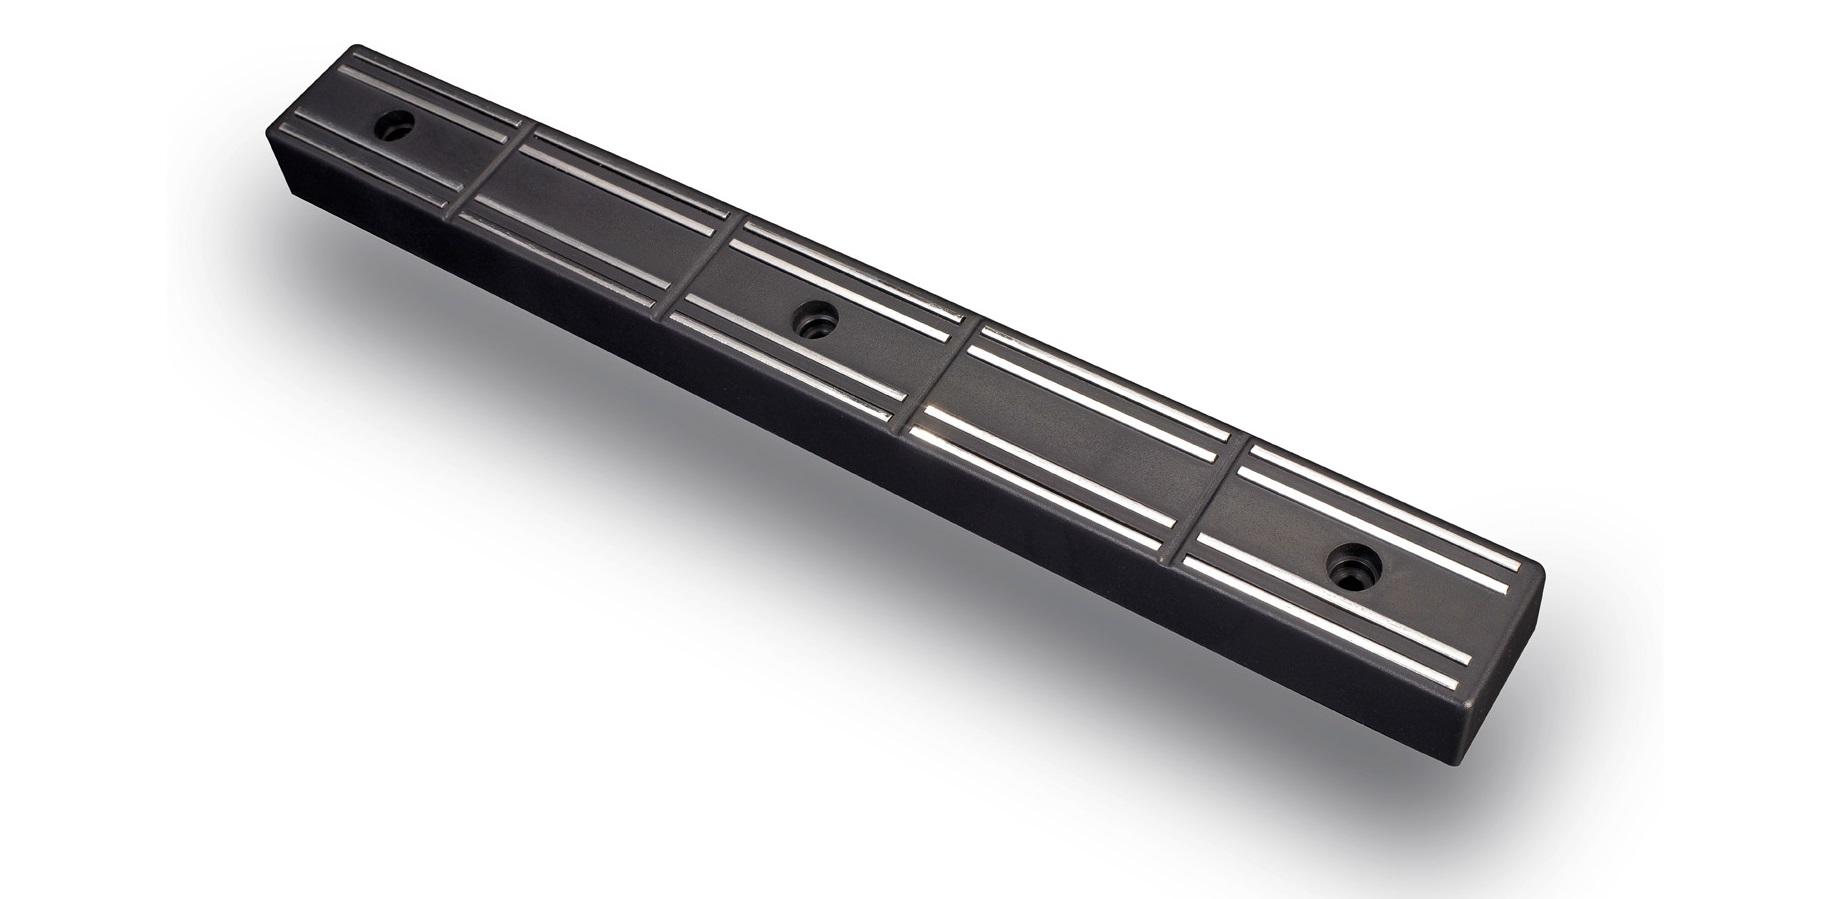 Soporte para cuchillos y herramientas - Bases de Fijación - IMA 36a83322e442